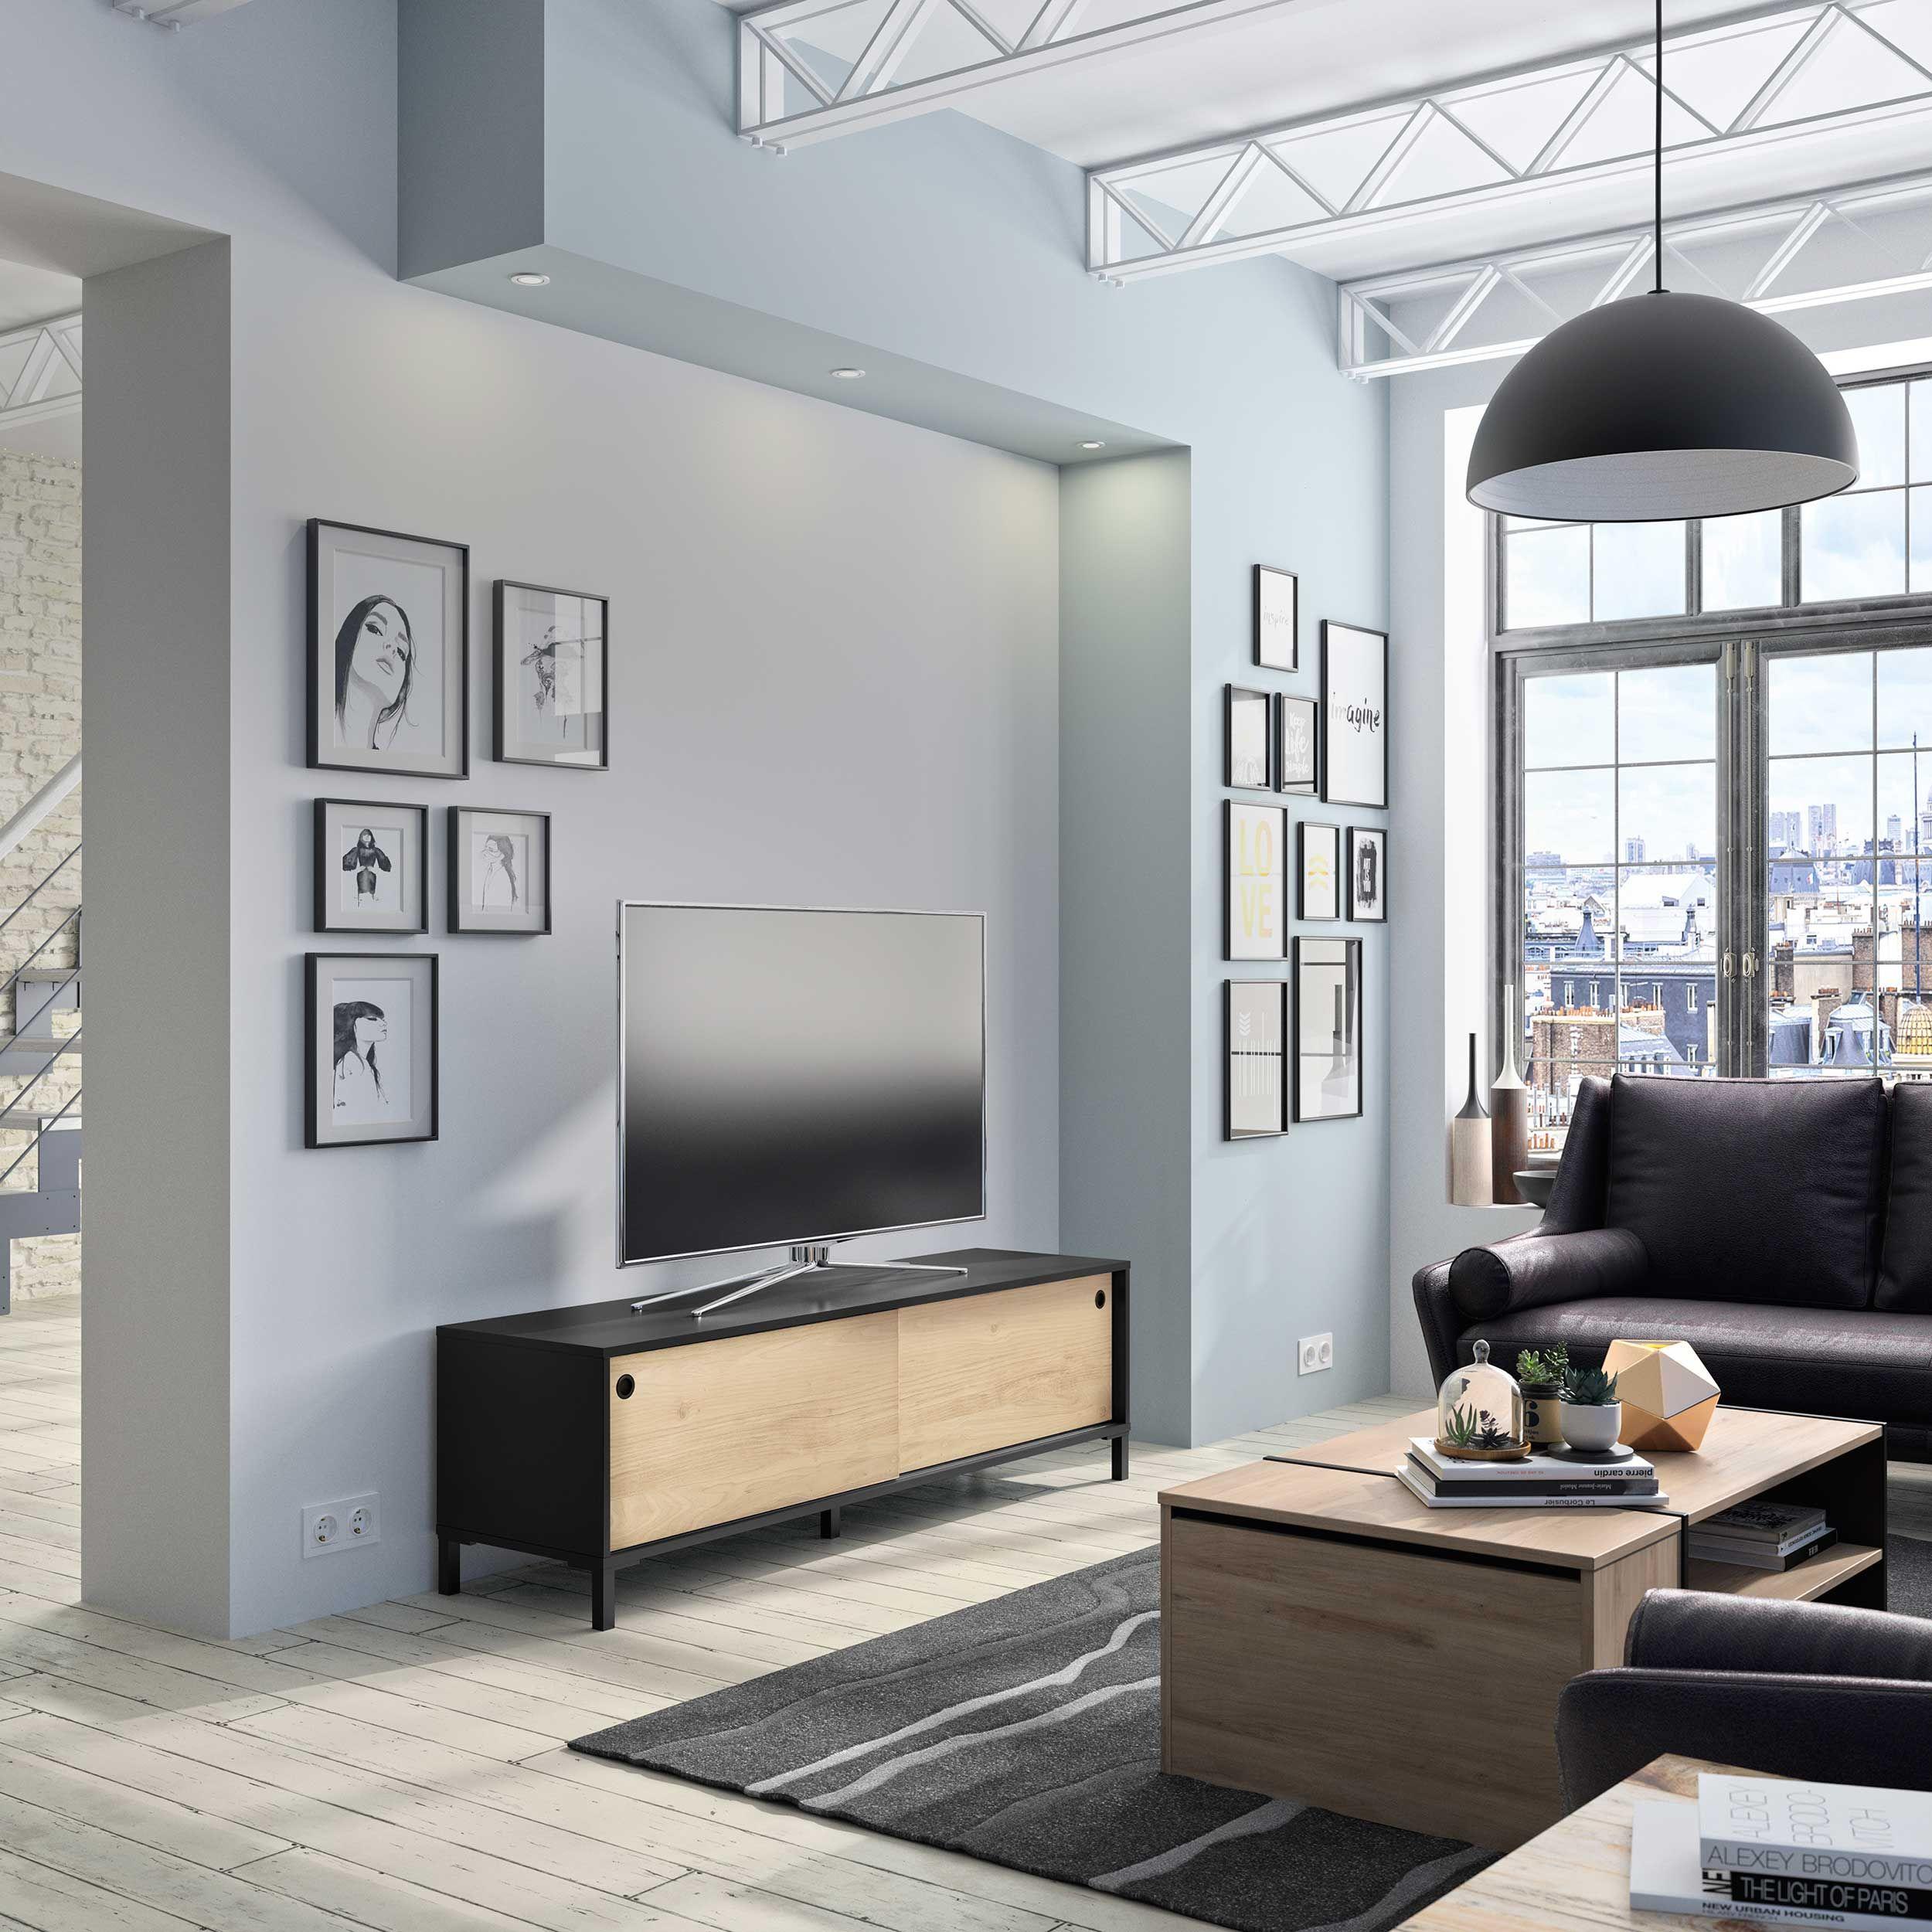 meuble tv jonah avec 2 portes coulissantes chataigne noir